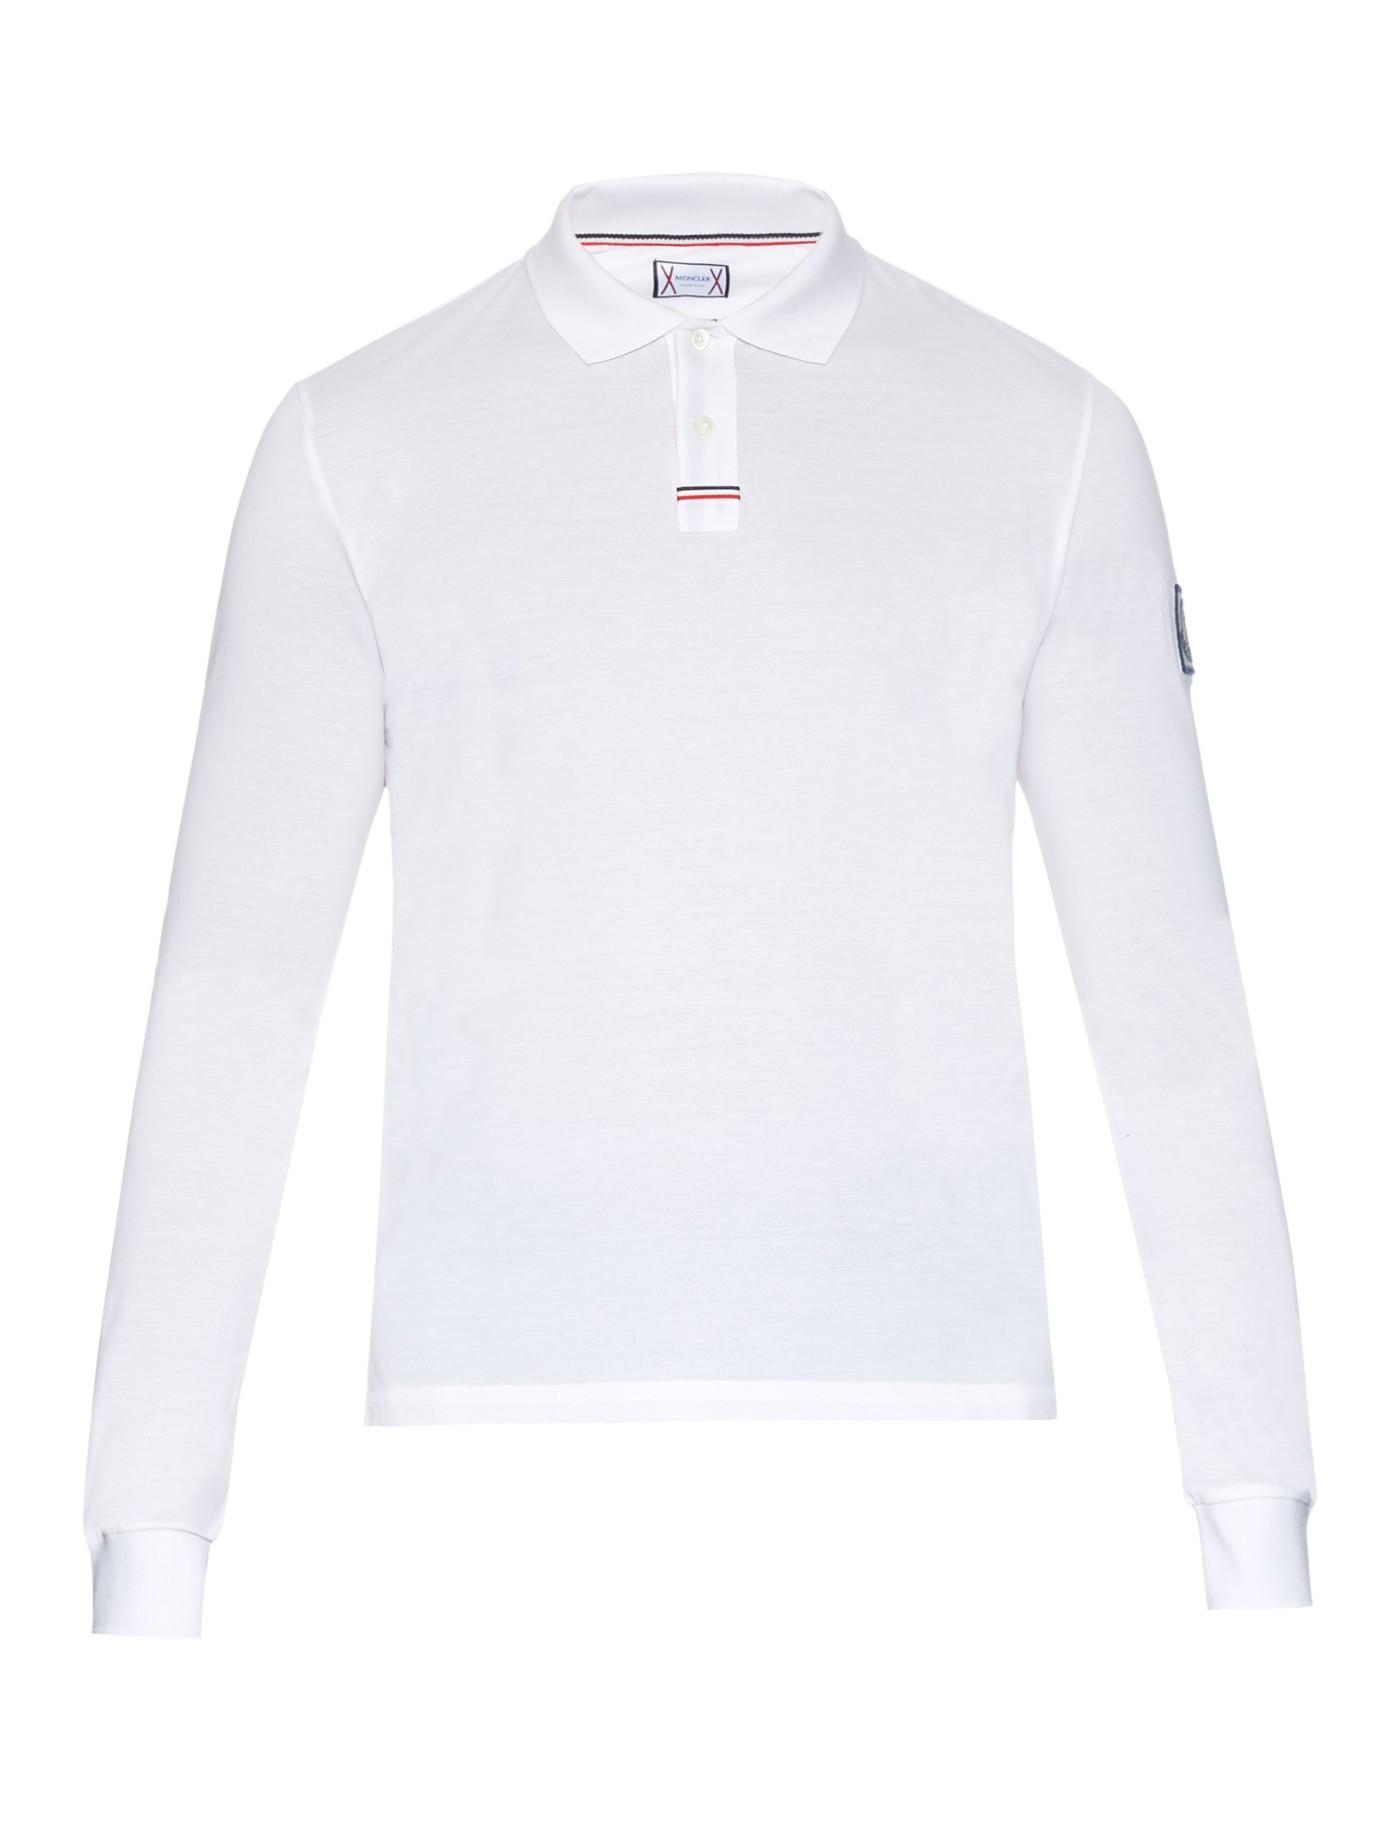 moncler white long sleeve polo